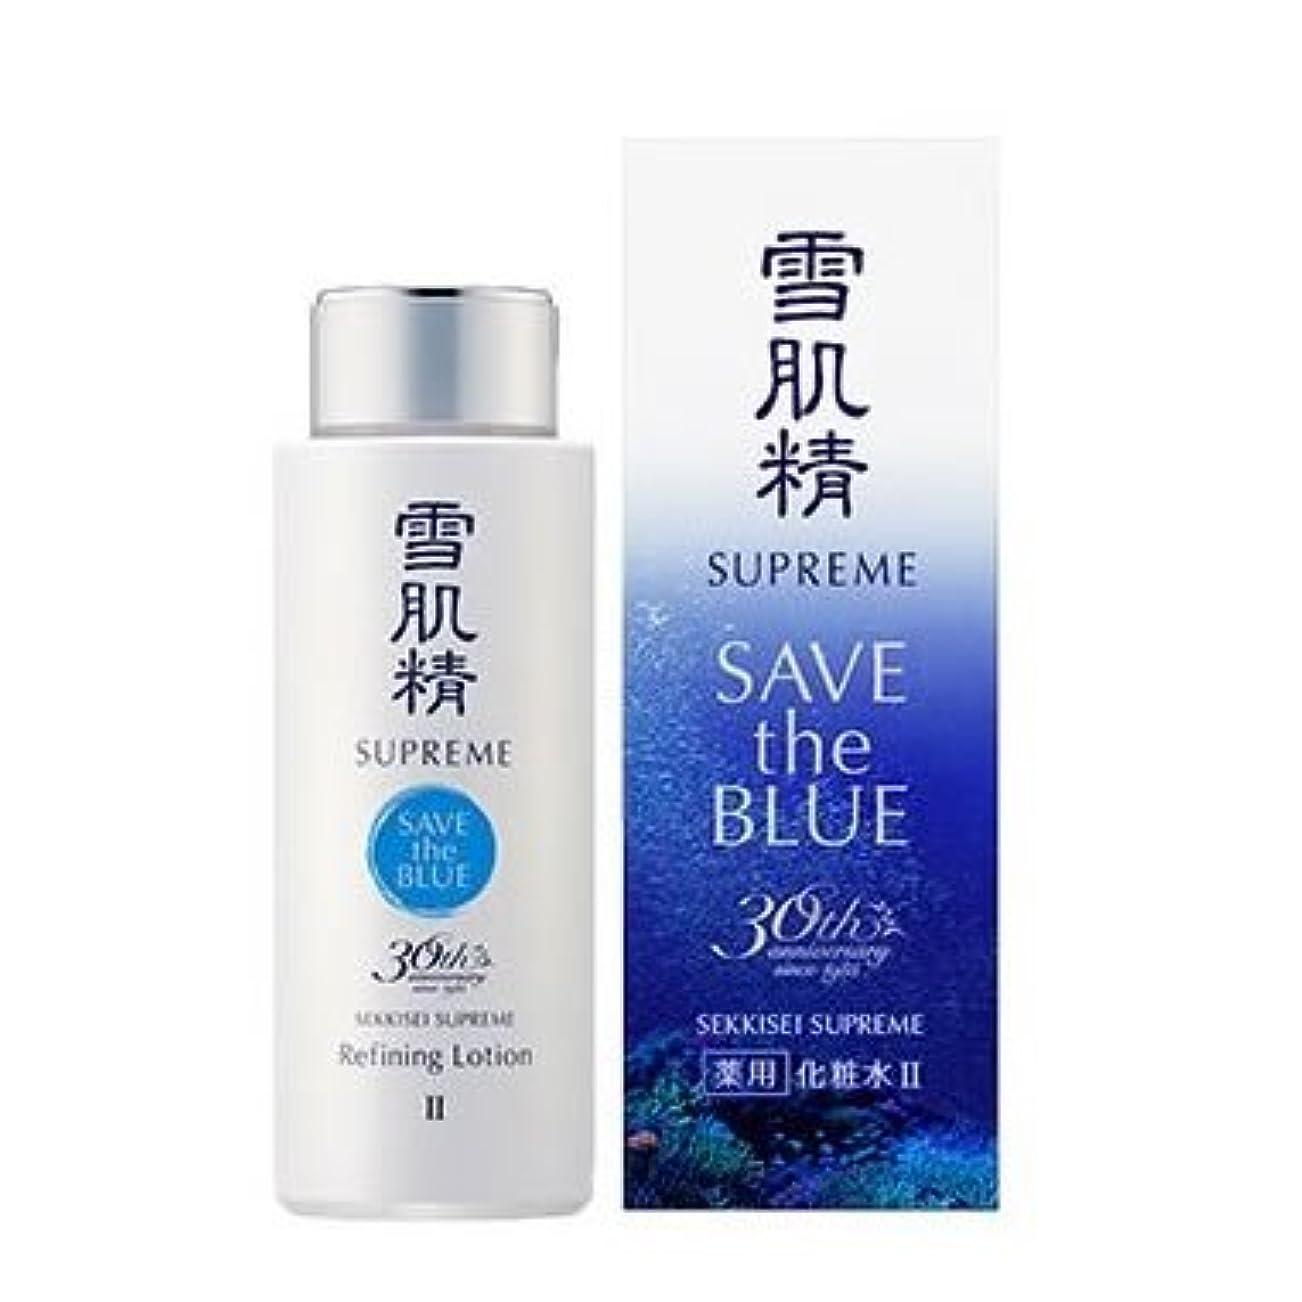 ルーム上流の賃金コーセー 雪肌精シュープレム 化粧水 II 400ml 限定ボトル SAVE the BLUE 30th Anniversary [並行輸入品]